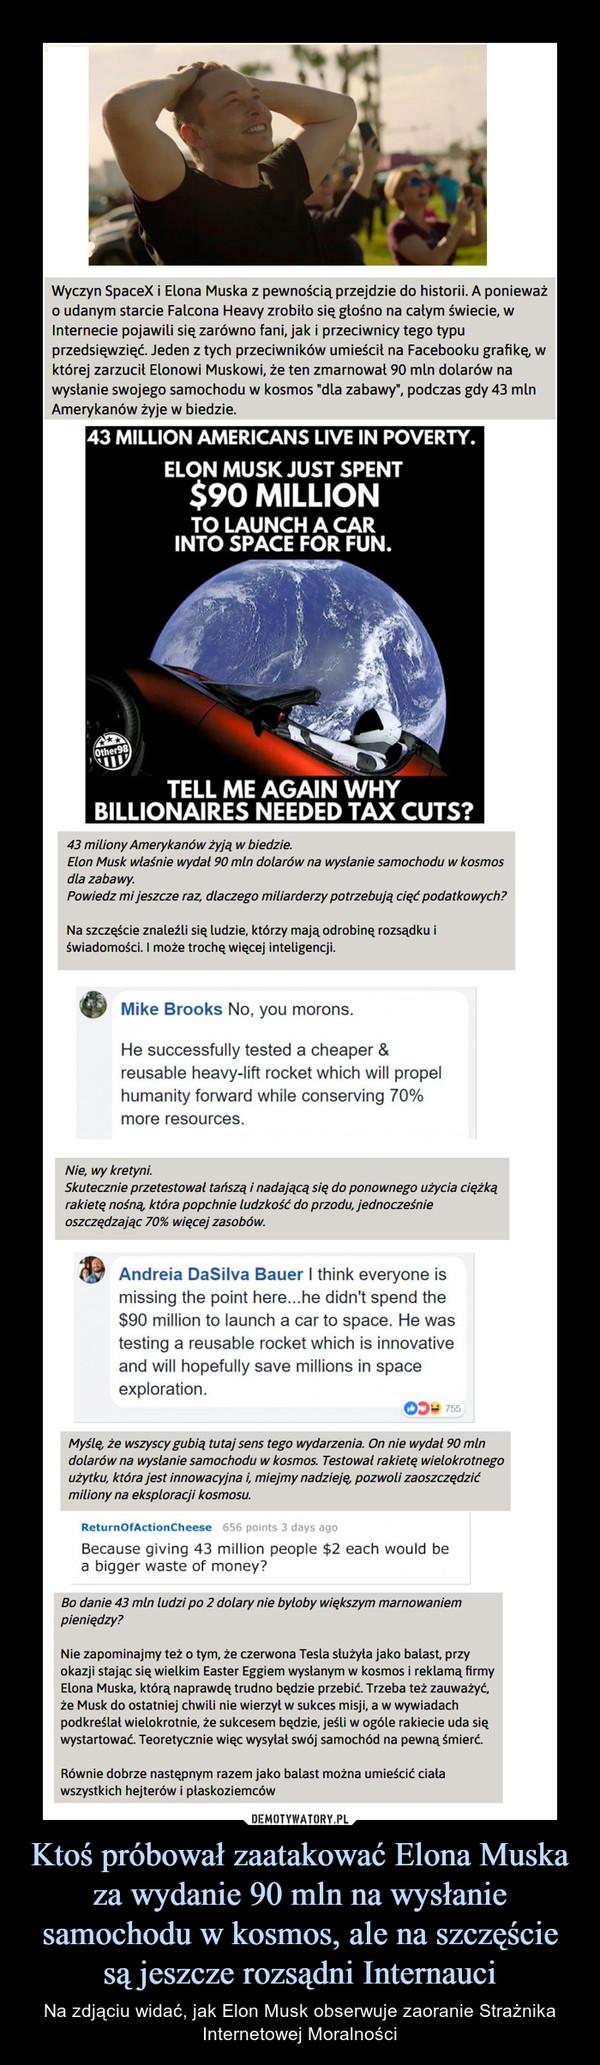 Ktoś próbował zaatakować Elona Muska za wydanie 90 mln na wysłanie samochodu w kosmos, ale na szczęście są jeszcze rozsądni Internauci – Na zdjąciu widać, jak Elon Musk obserwuje zaoranie Strażnika Internetowej Moralności